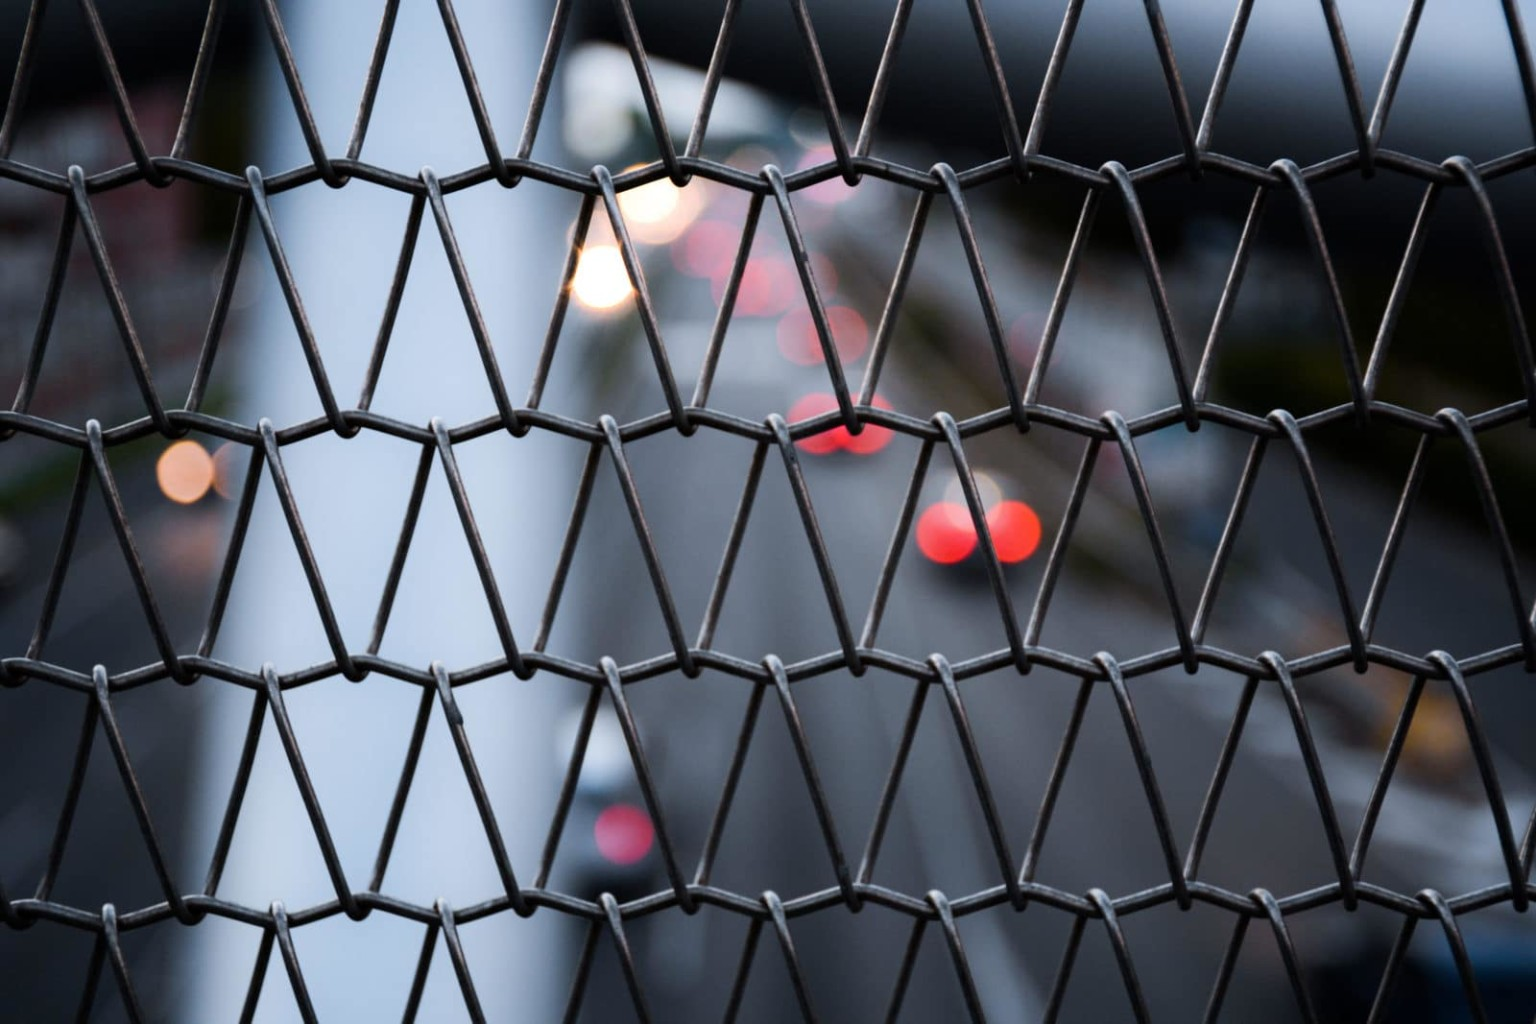 Strafvollstreckungsrecht/ Hinzutreten einer Freiheitsstrafe